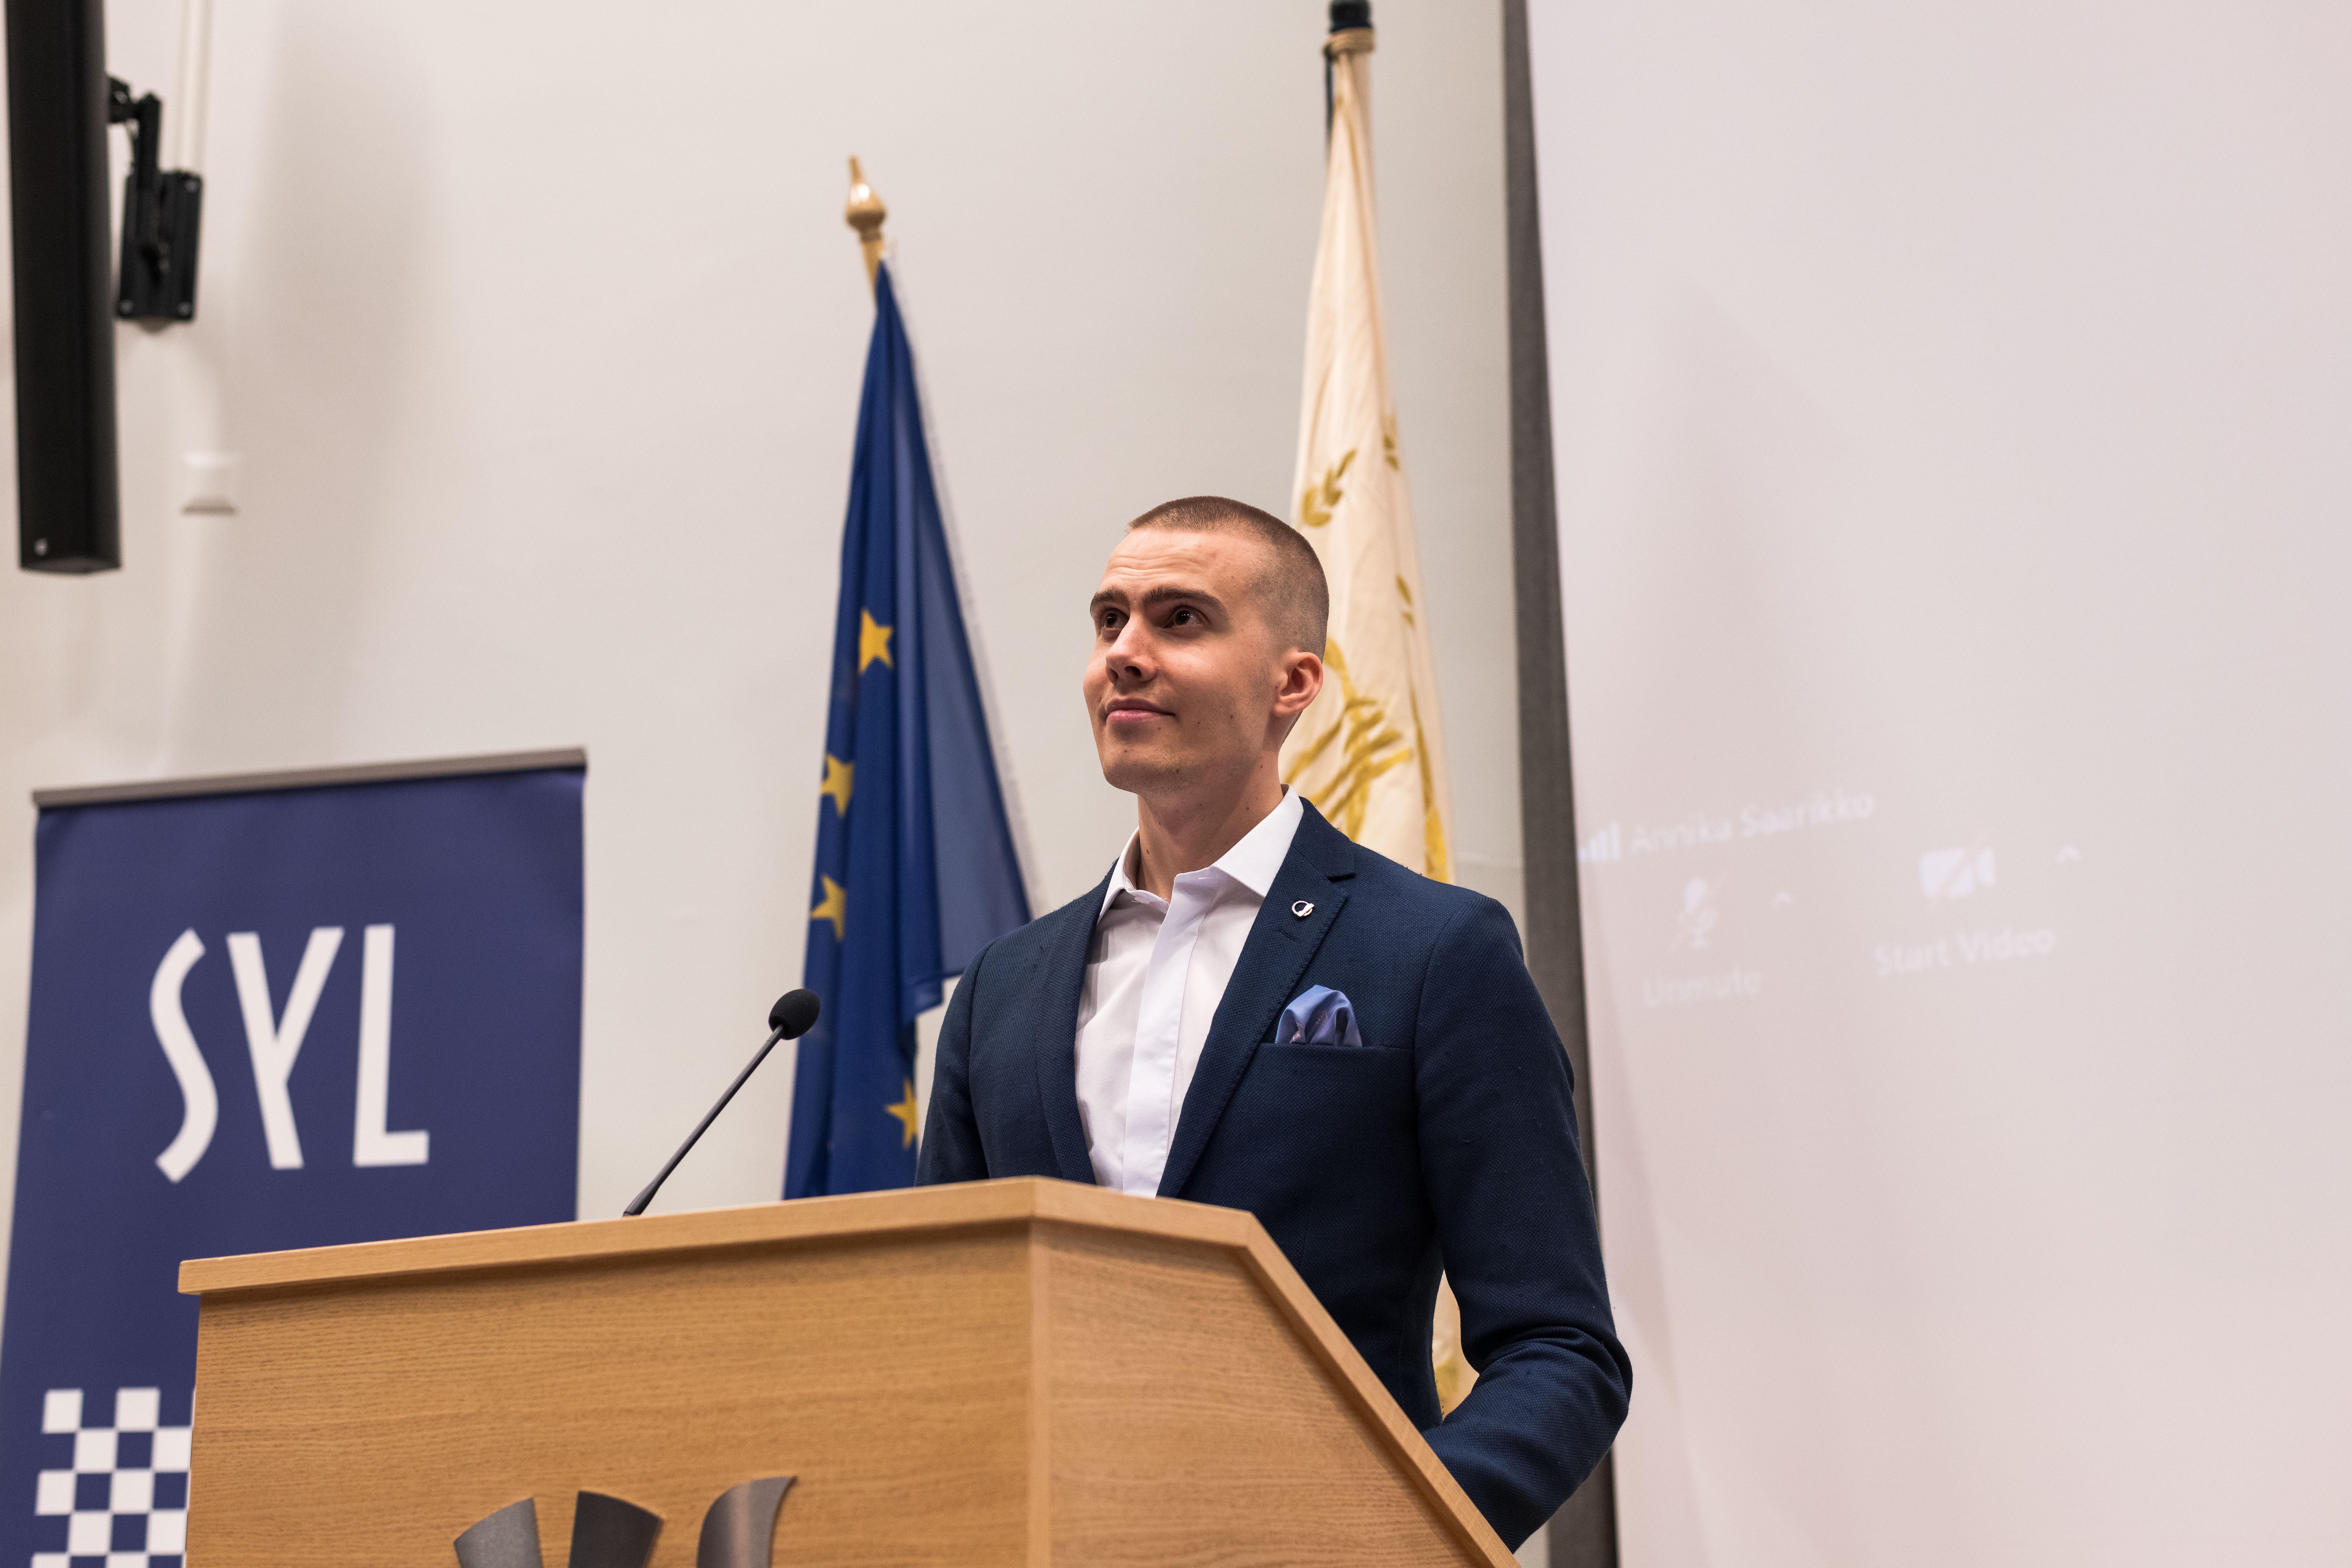 Kuvassa puheenjohtaja Tapio Hautamäki on puhujan korokkeella ja hän katsoo toiveikkaasti salin yläviistoon. Tapion takana näkyy SYL:n ja EU:n liput.